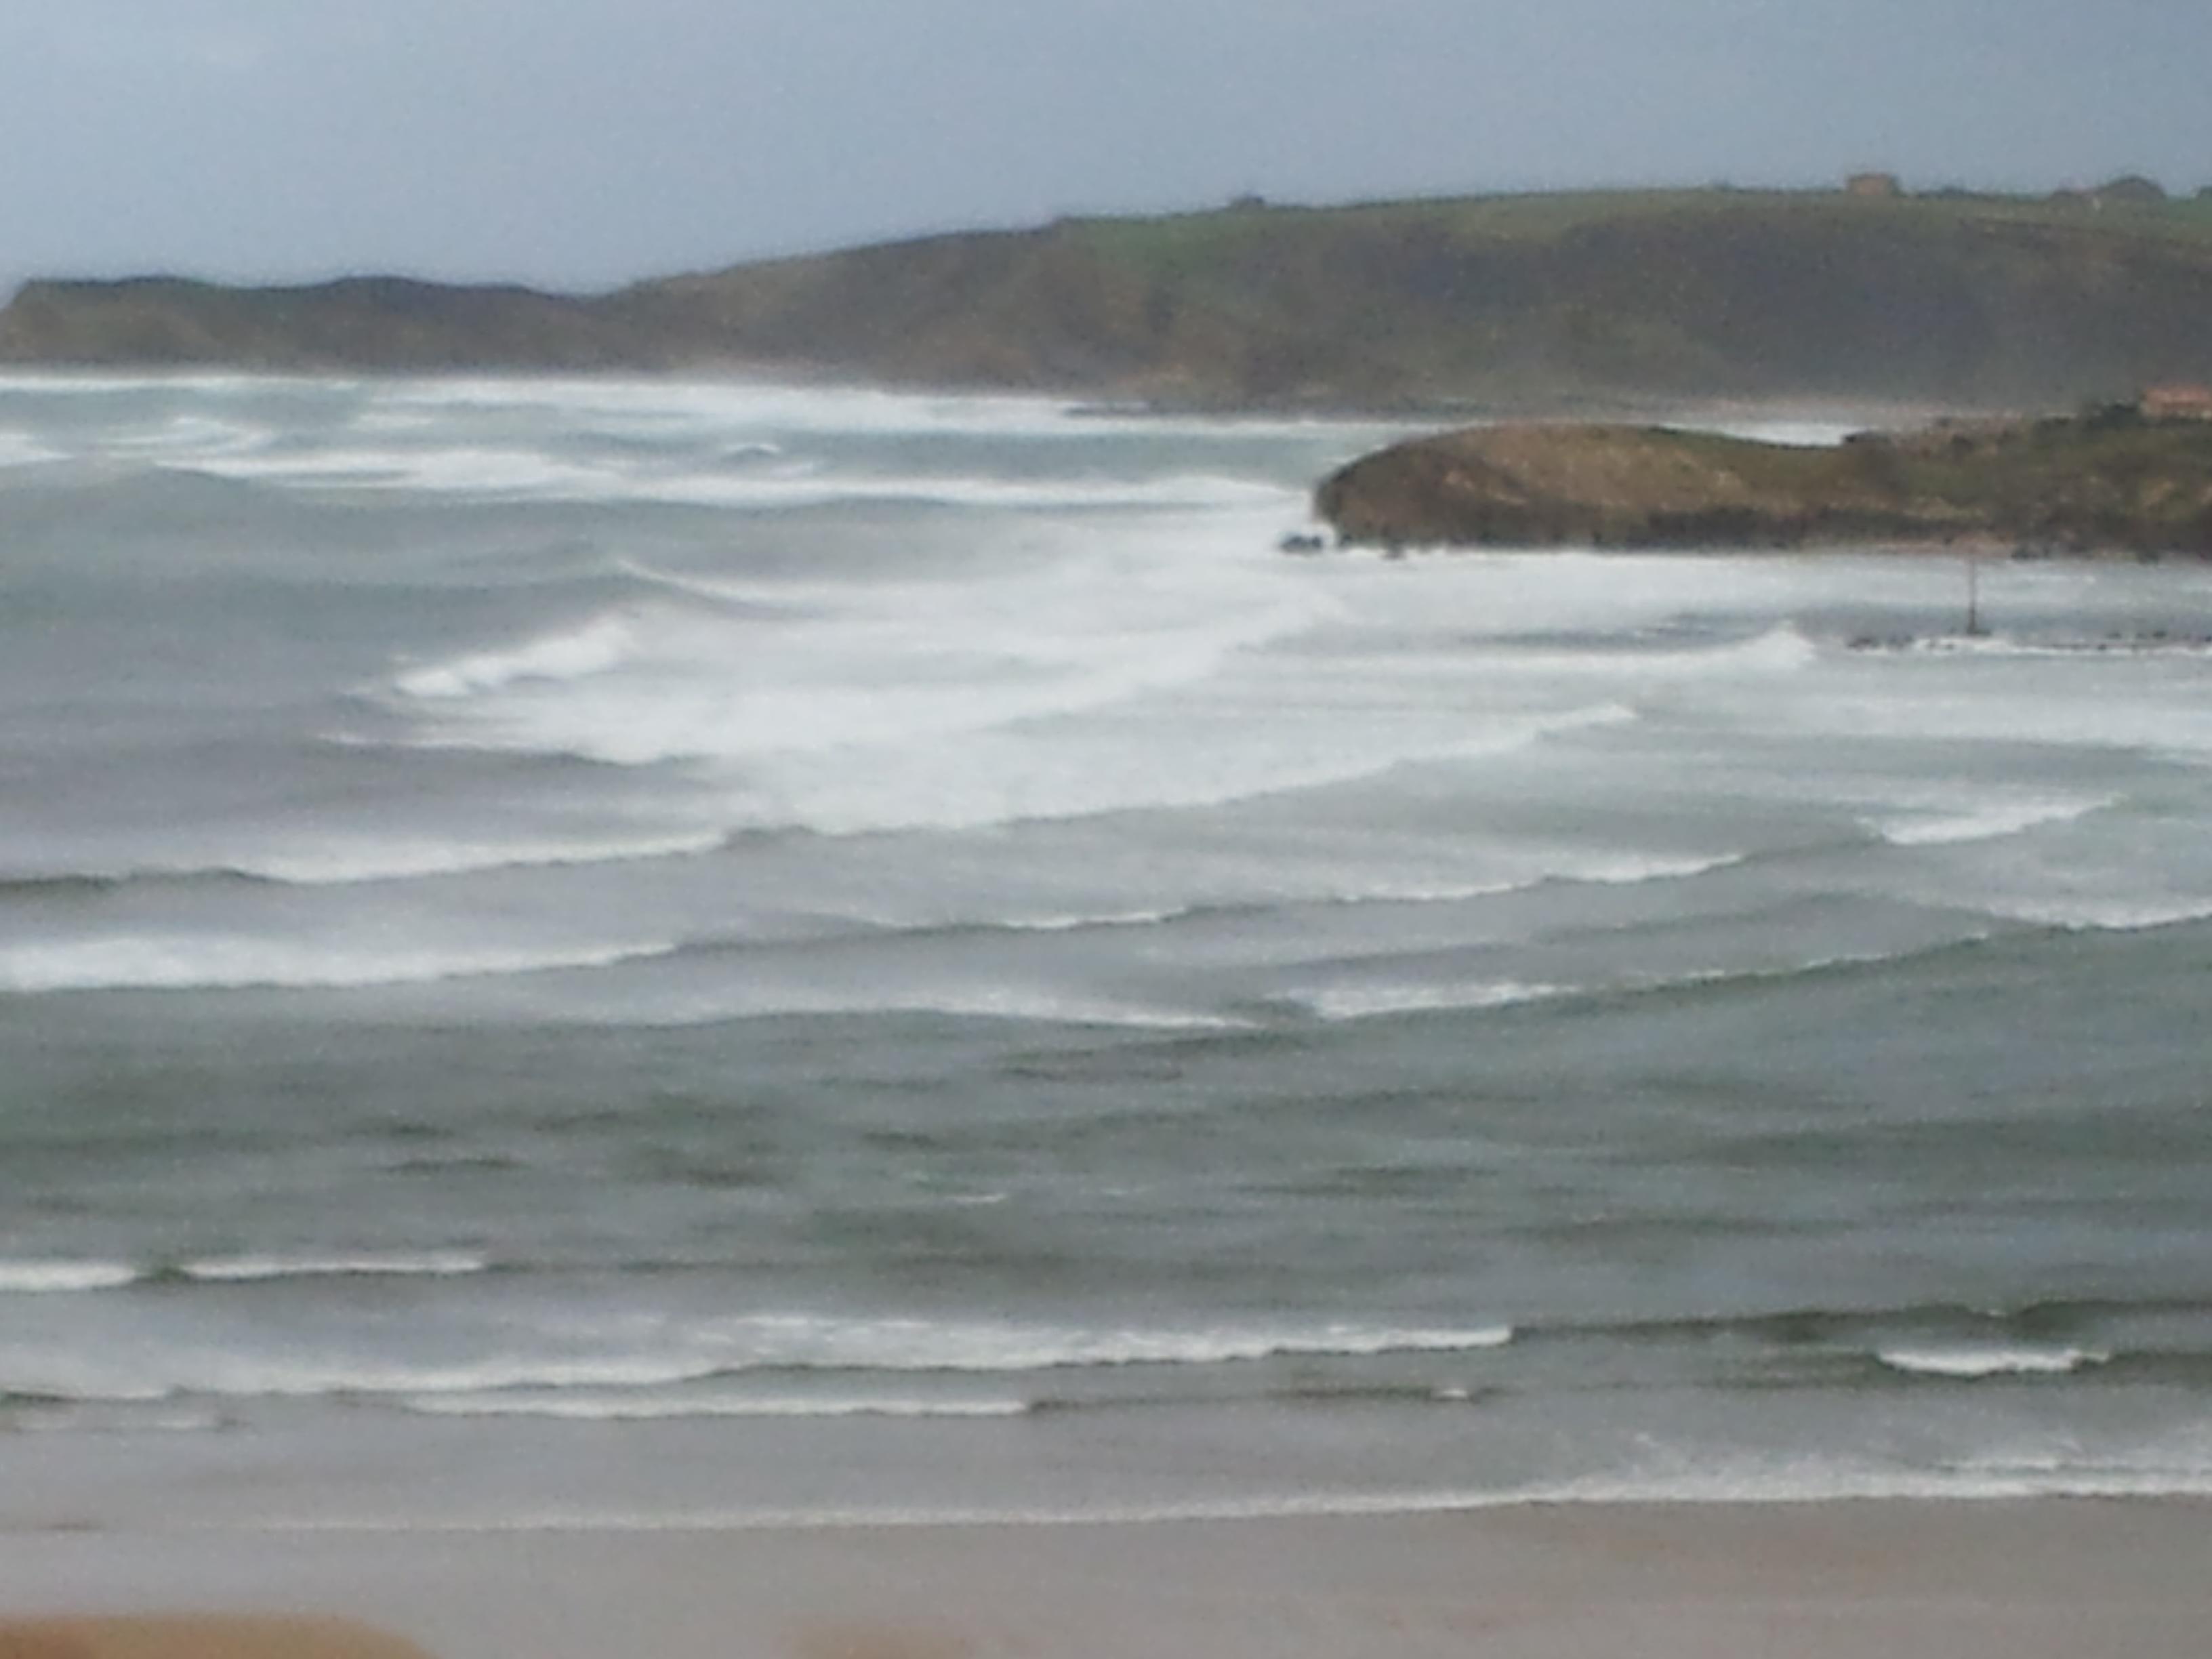 (AMP) Aemet activa la alerta amarilla este martes en Murcia por rachas de viento de fuerza 7 y mar gruesa